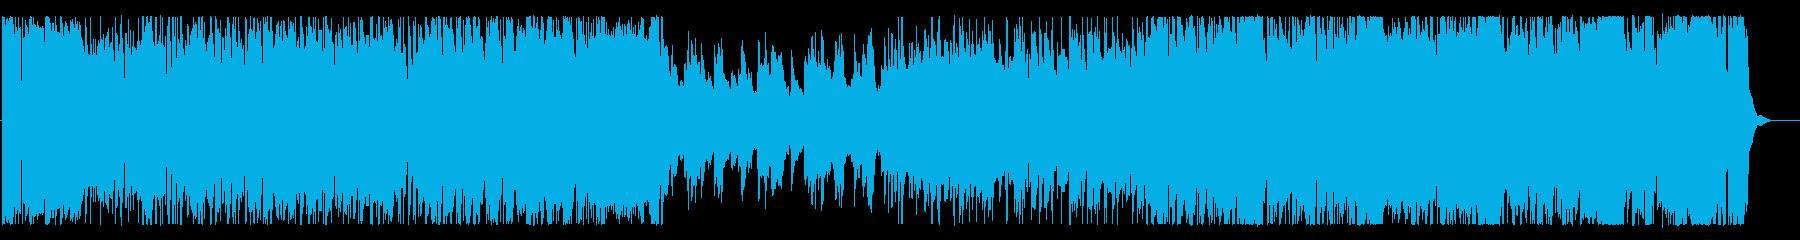 16ビートの3拍子フュージョンの再生済みの波形